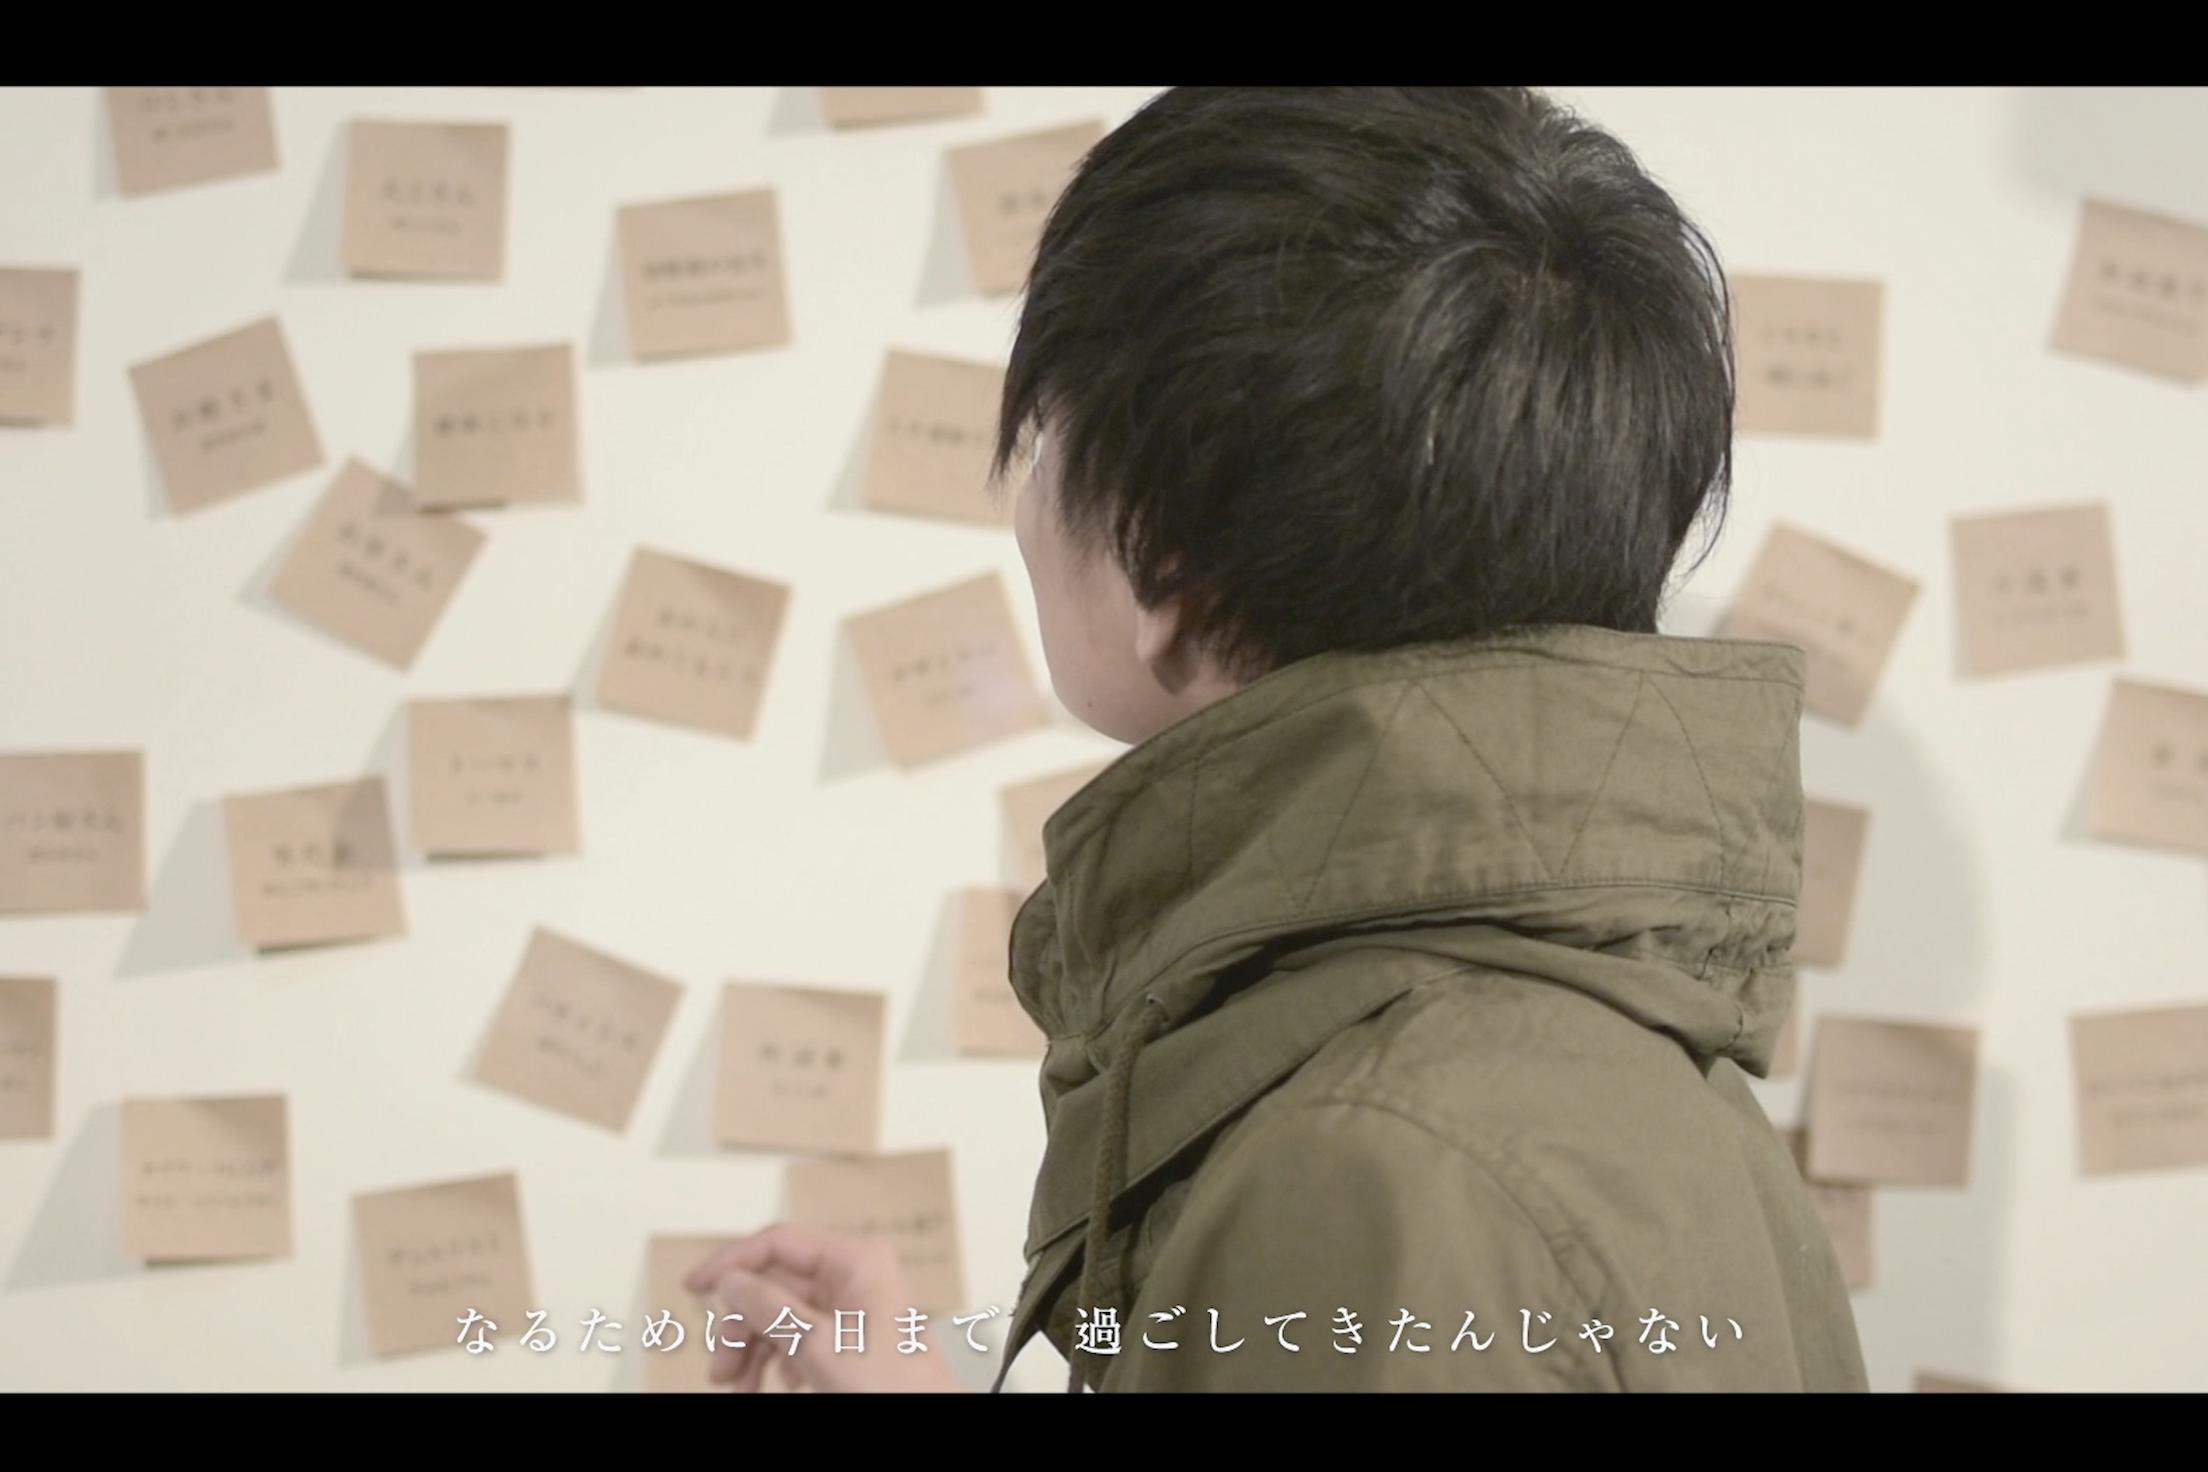 新鋭クリエイター11人の合作MV!見て!知って!感動して欲しい!